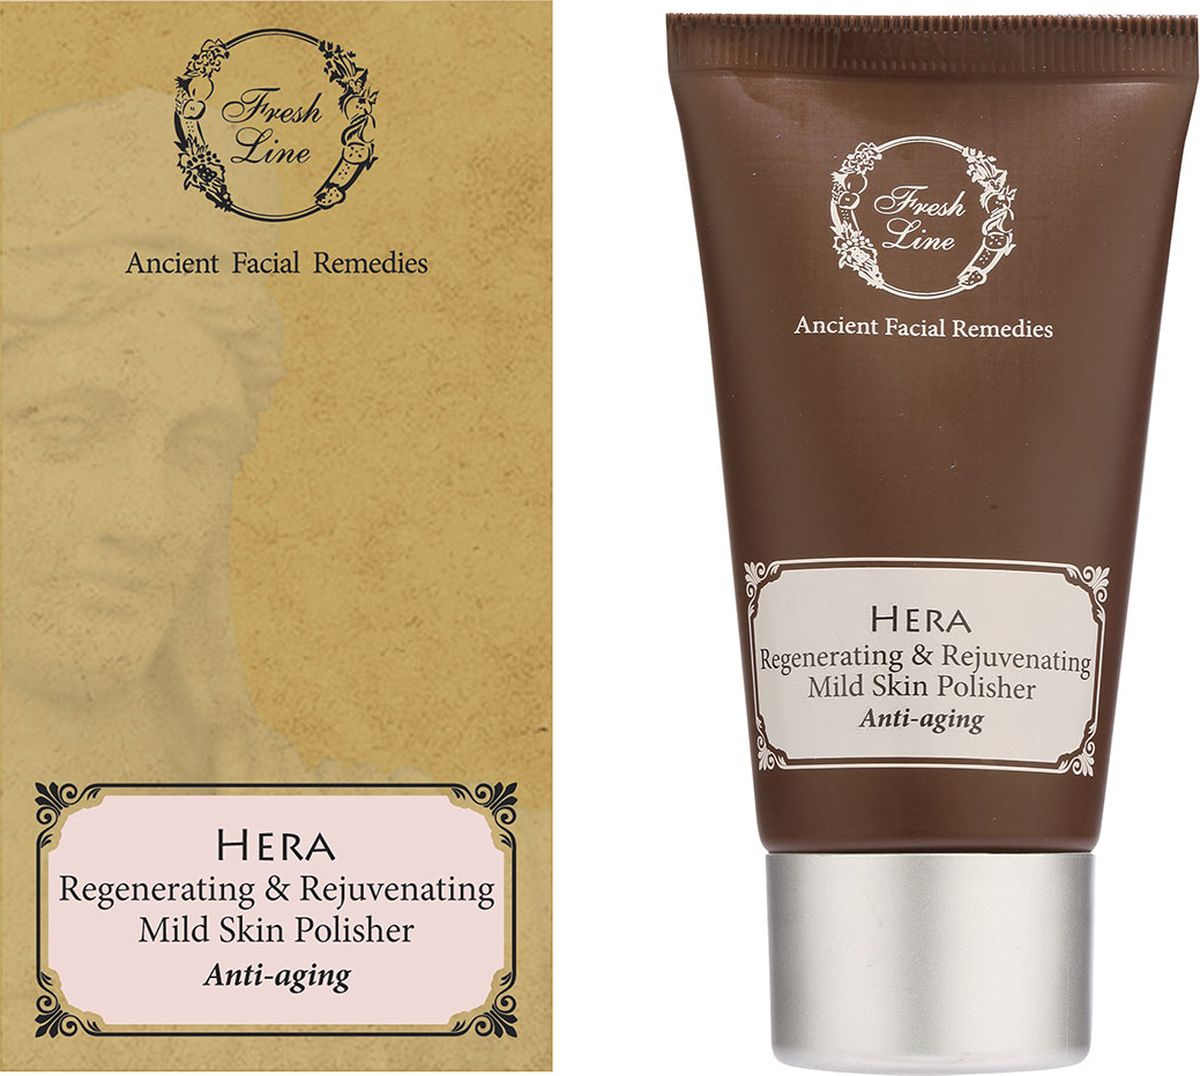 Fresh Line Скраб мягкий для лица Гера, 75 млFS-00897Деликатно удаляет омертвевшие клетки с поверхности кожи, не нарушая естественный уровень увлажненности. Создан на основе пудры виноградных косточек и мягких фруктовых кислот, которые сочетают в себе антиоксидантные и отшелушивающие свойства. Рекомендуется для деликатной и зрелой кожи, также идеально подойдет всем, кому требуется мягкое отшелушивание.